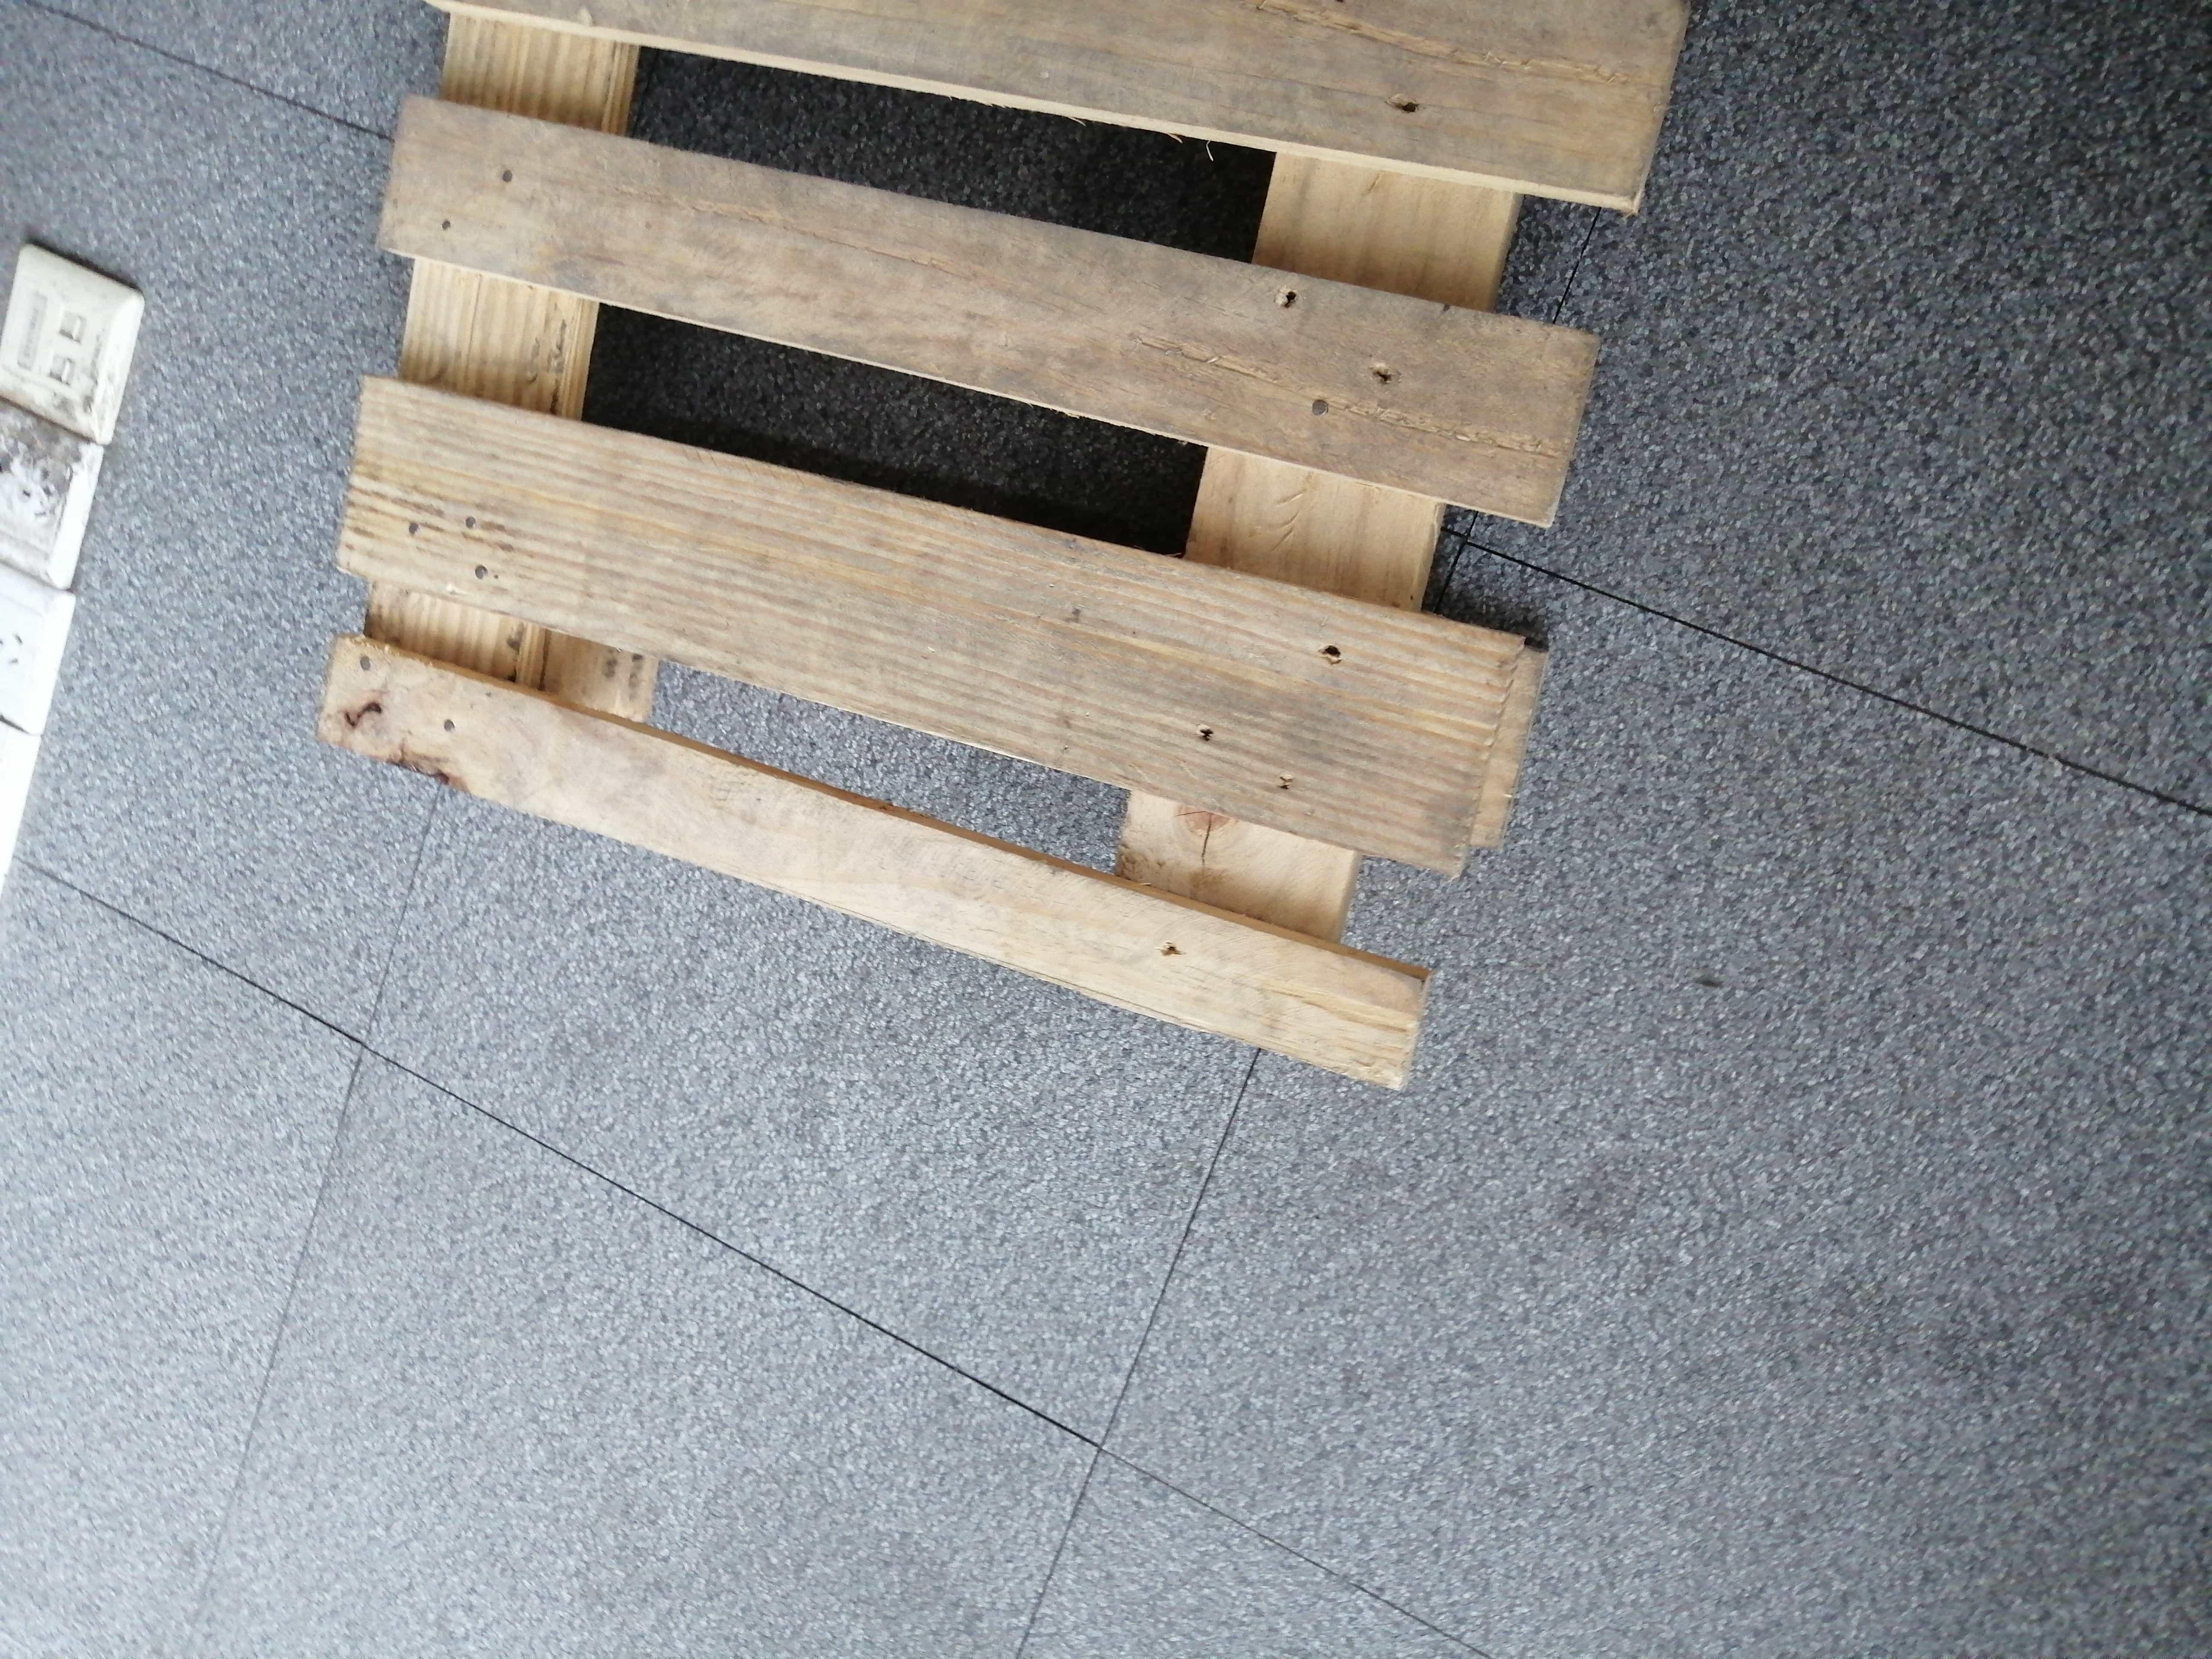 木制托盘销售-木制托盘销售批发、促销价??,☚♂웃♣✭、产地货源